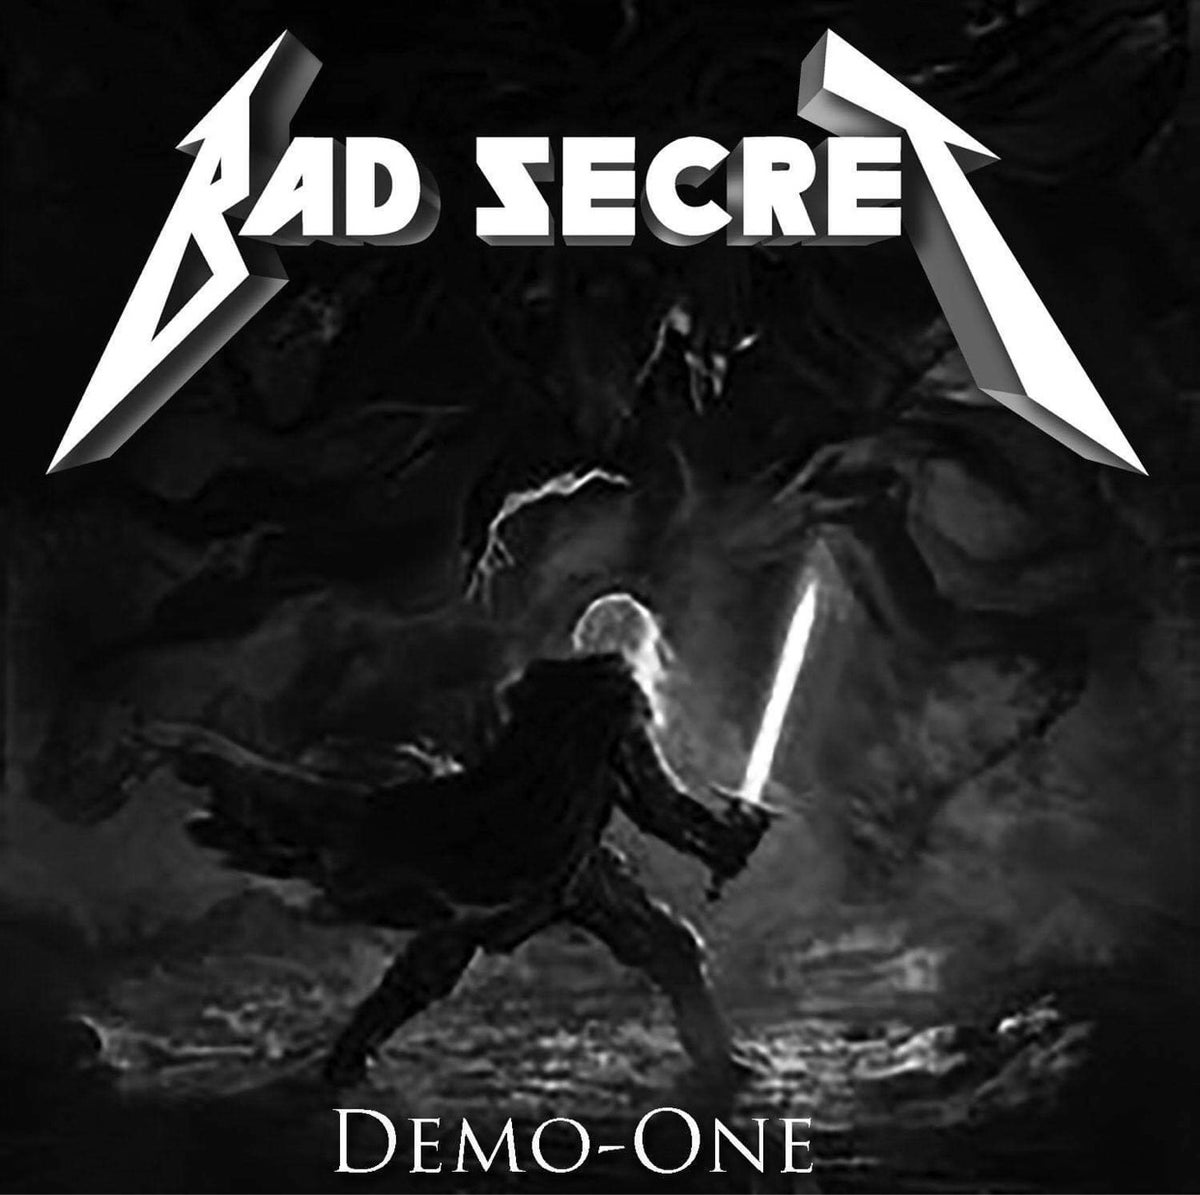 Image of Bad Secret - Demo One